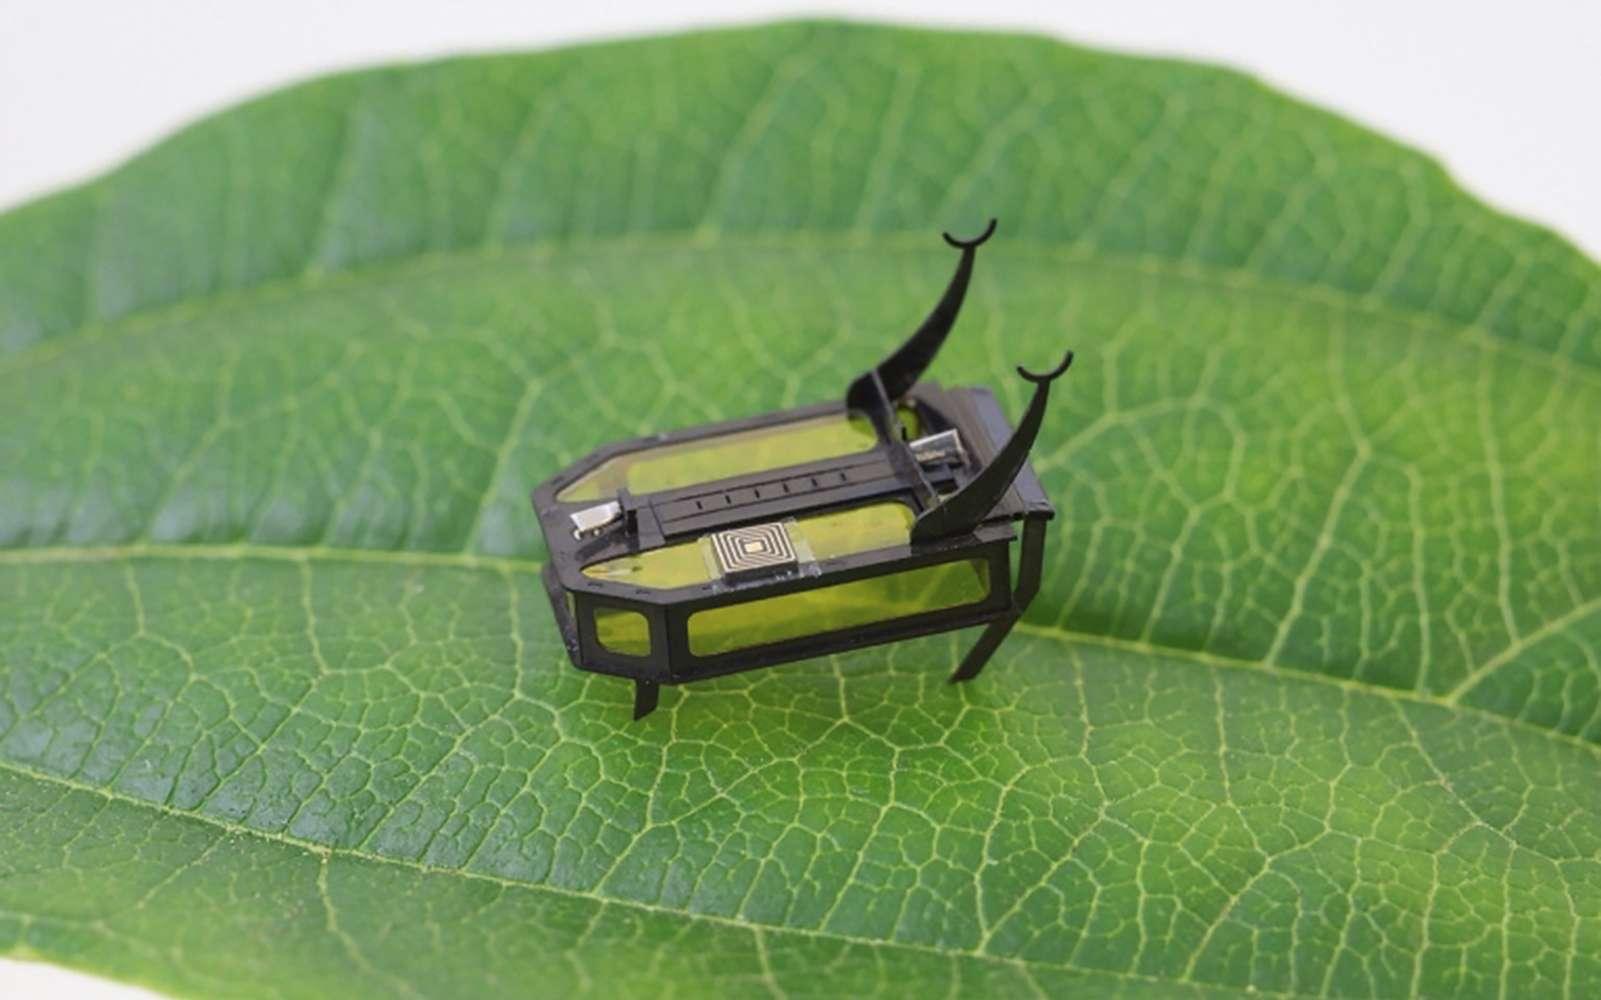 Ce mini-robot scarabée avance, rampe, grimpe et peut porter des charges. © Xiufeng Yang, University of Southern California, AFP